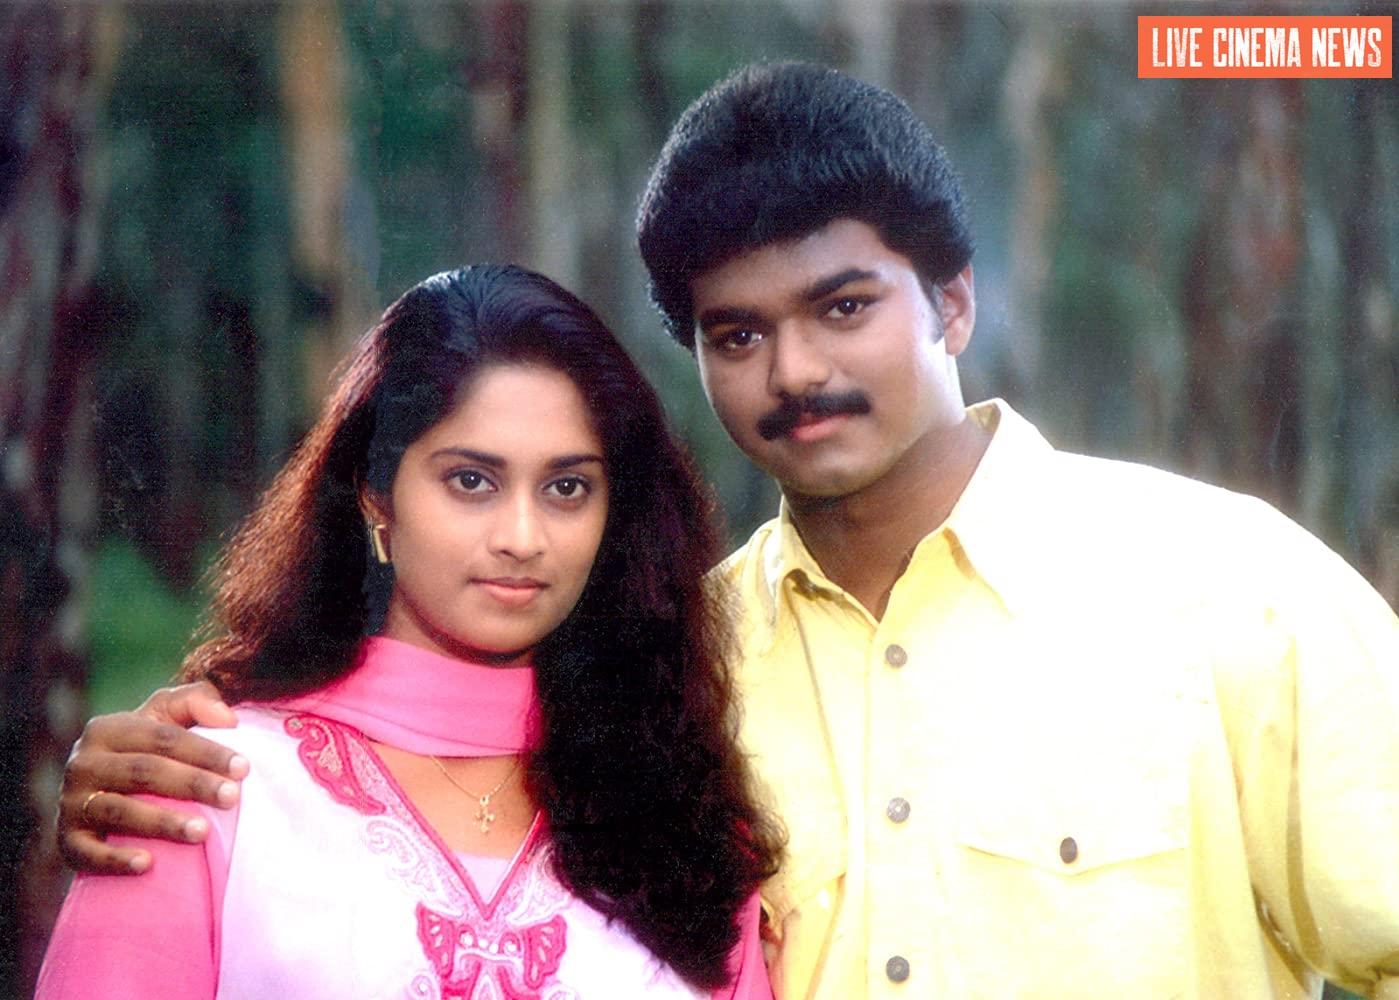 காதலுக்கு மரியாதை திரைப்படத்தில் விஜயுடன் ஷாலினி